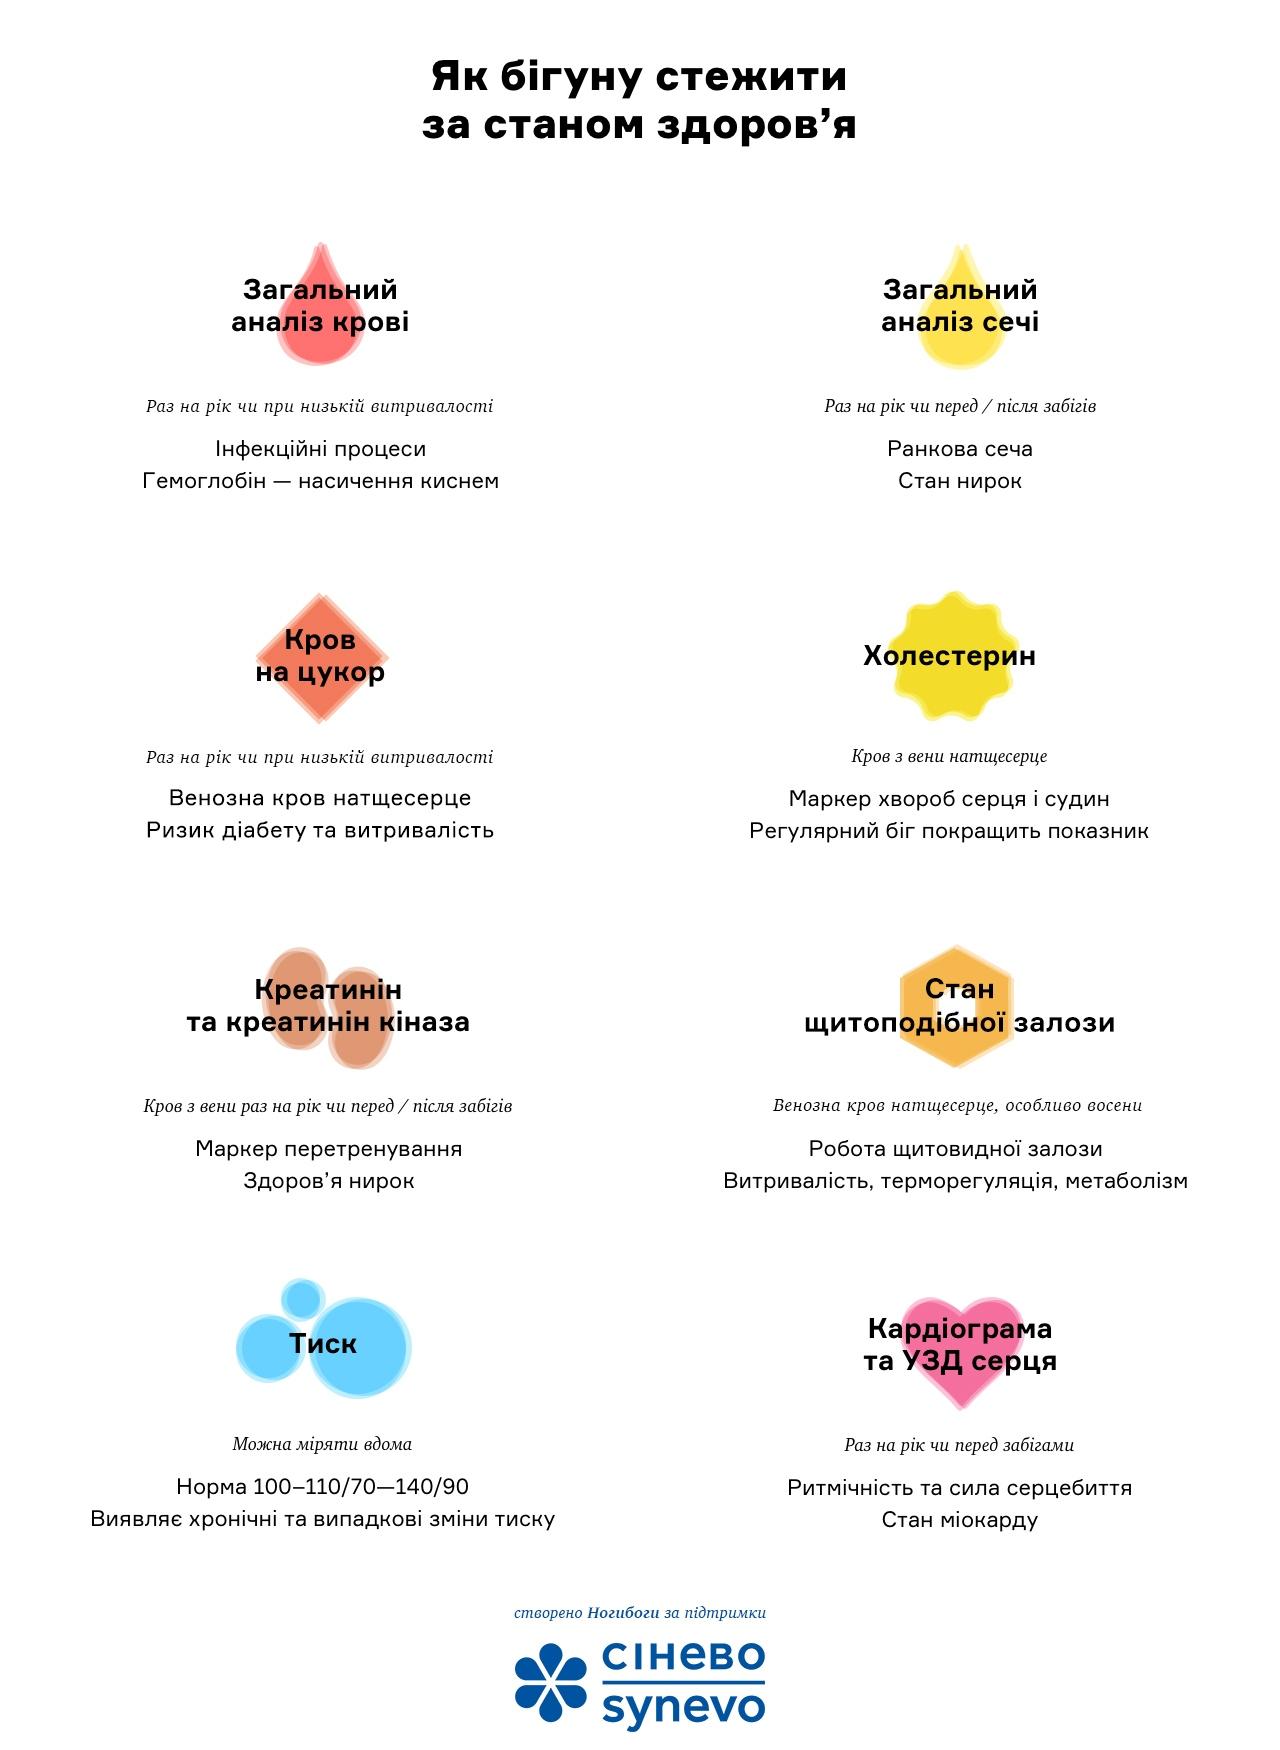 Перелік аналізів для бігунів: інфографіка